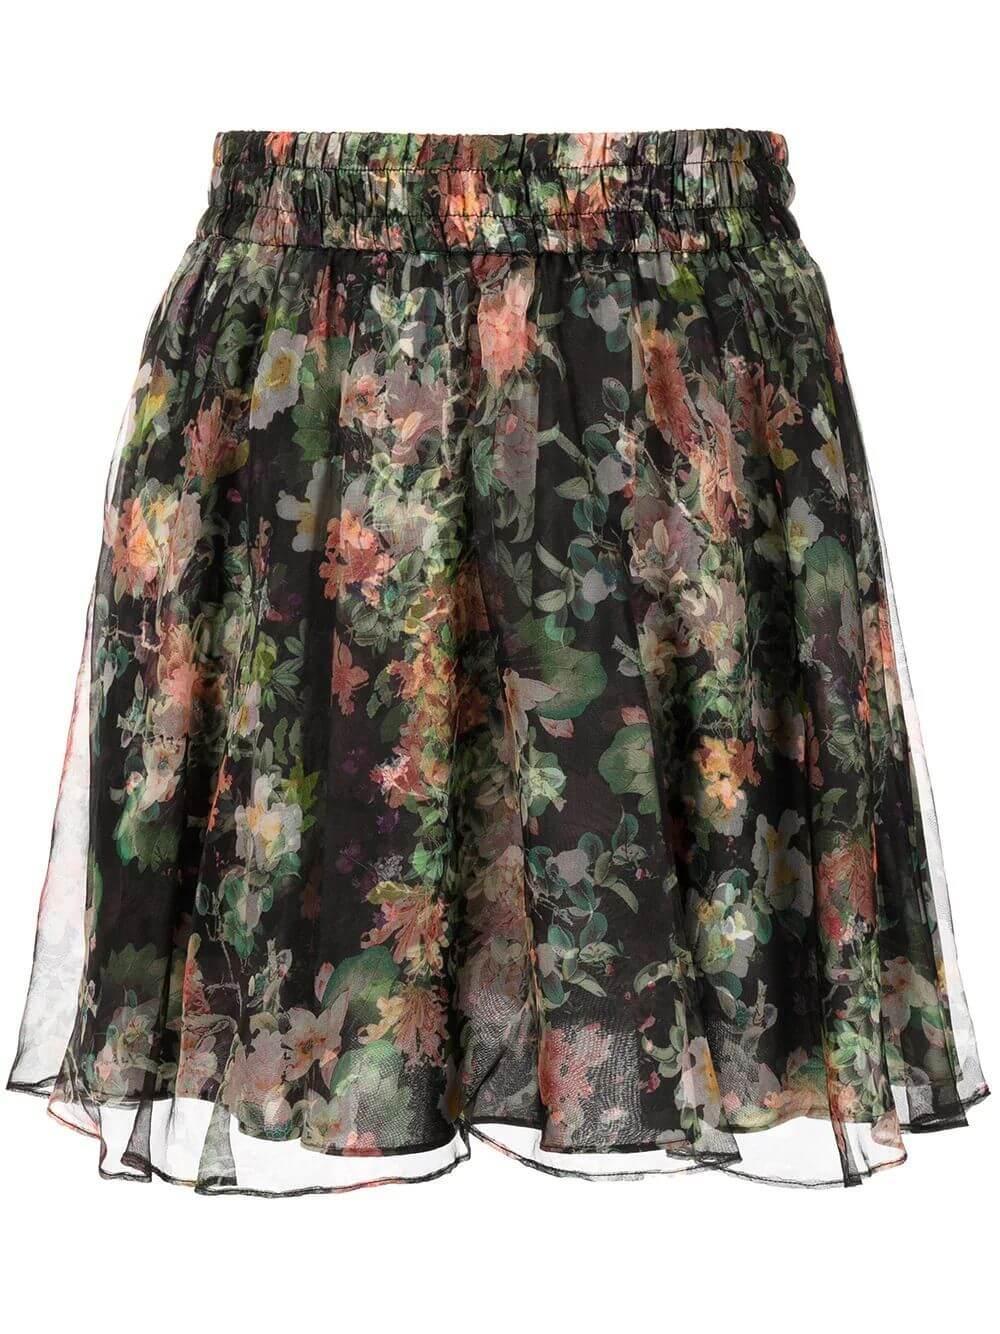 Dionne Mini Skirt Item # CC108P07303